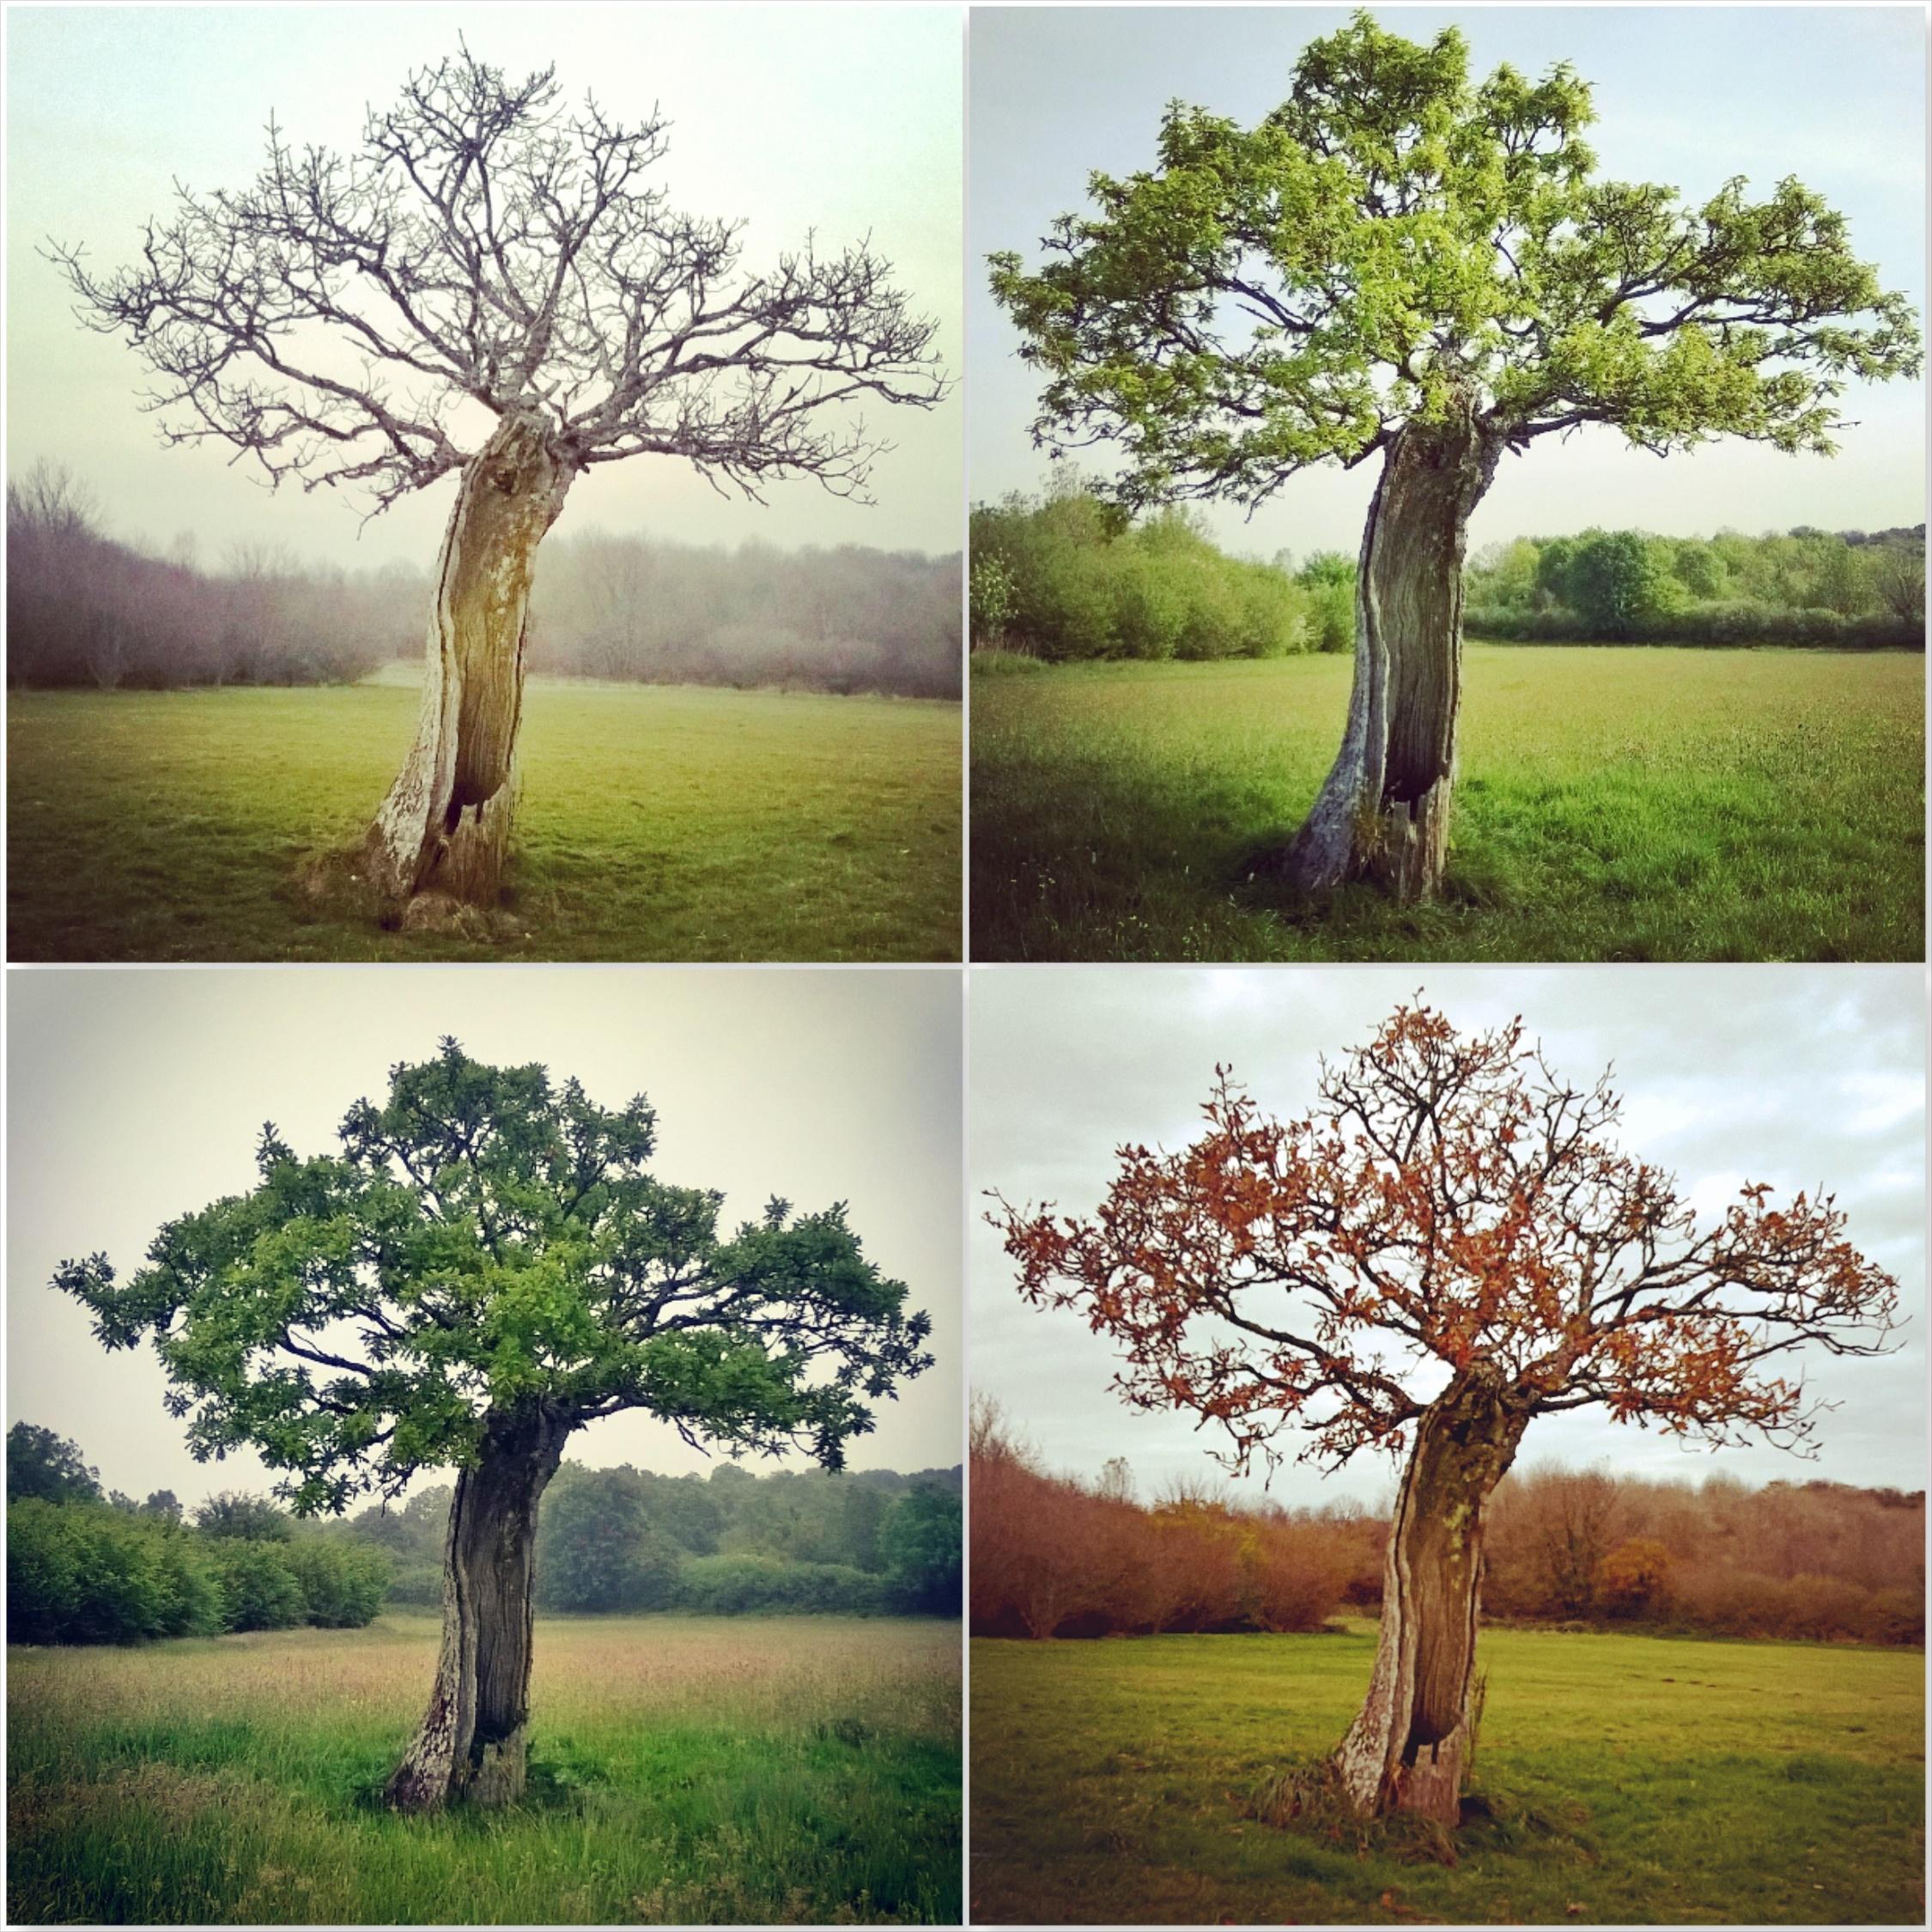 Four seasons - Old Oak - Green Castle Woods - The Last Krystallos